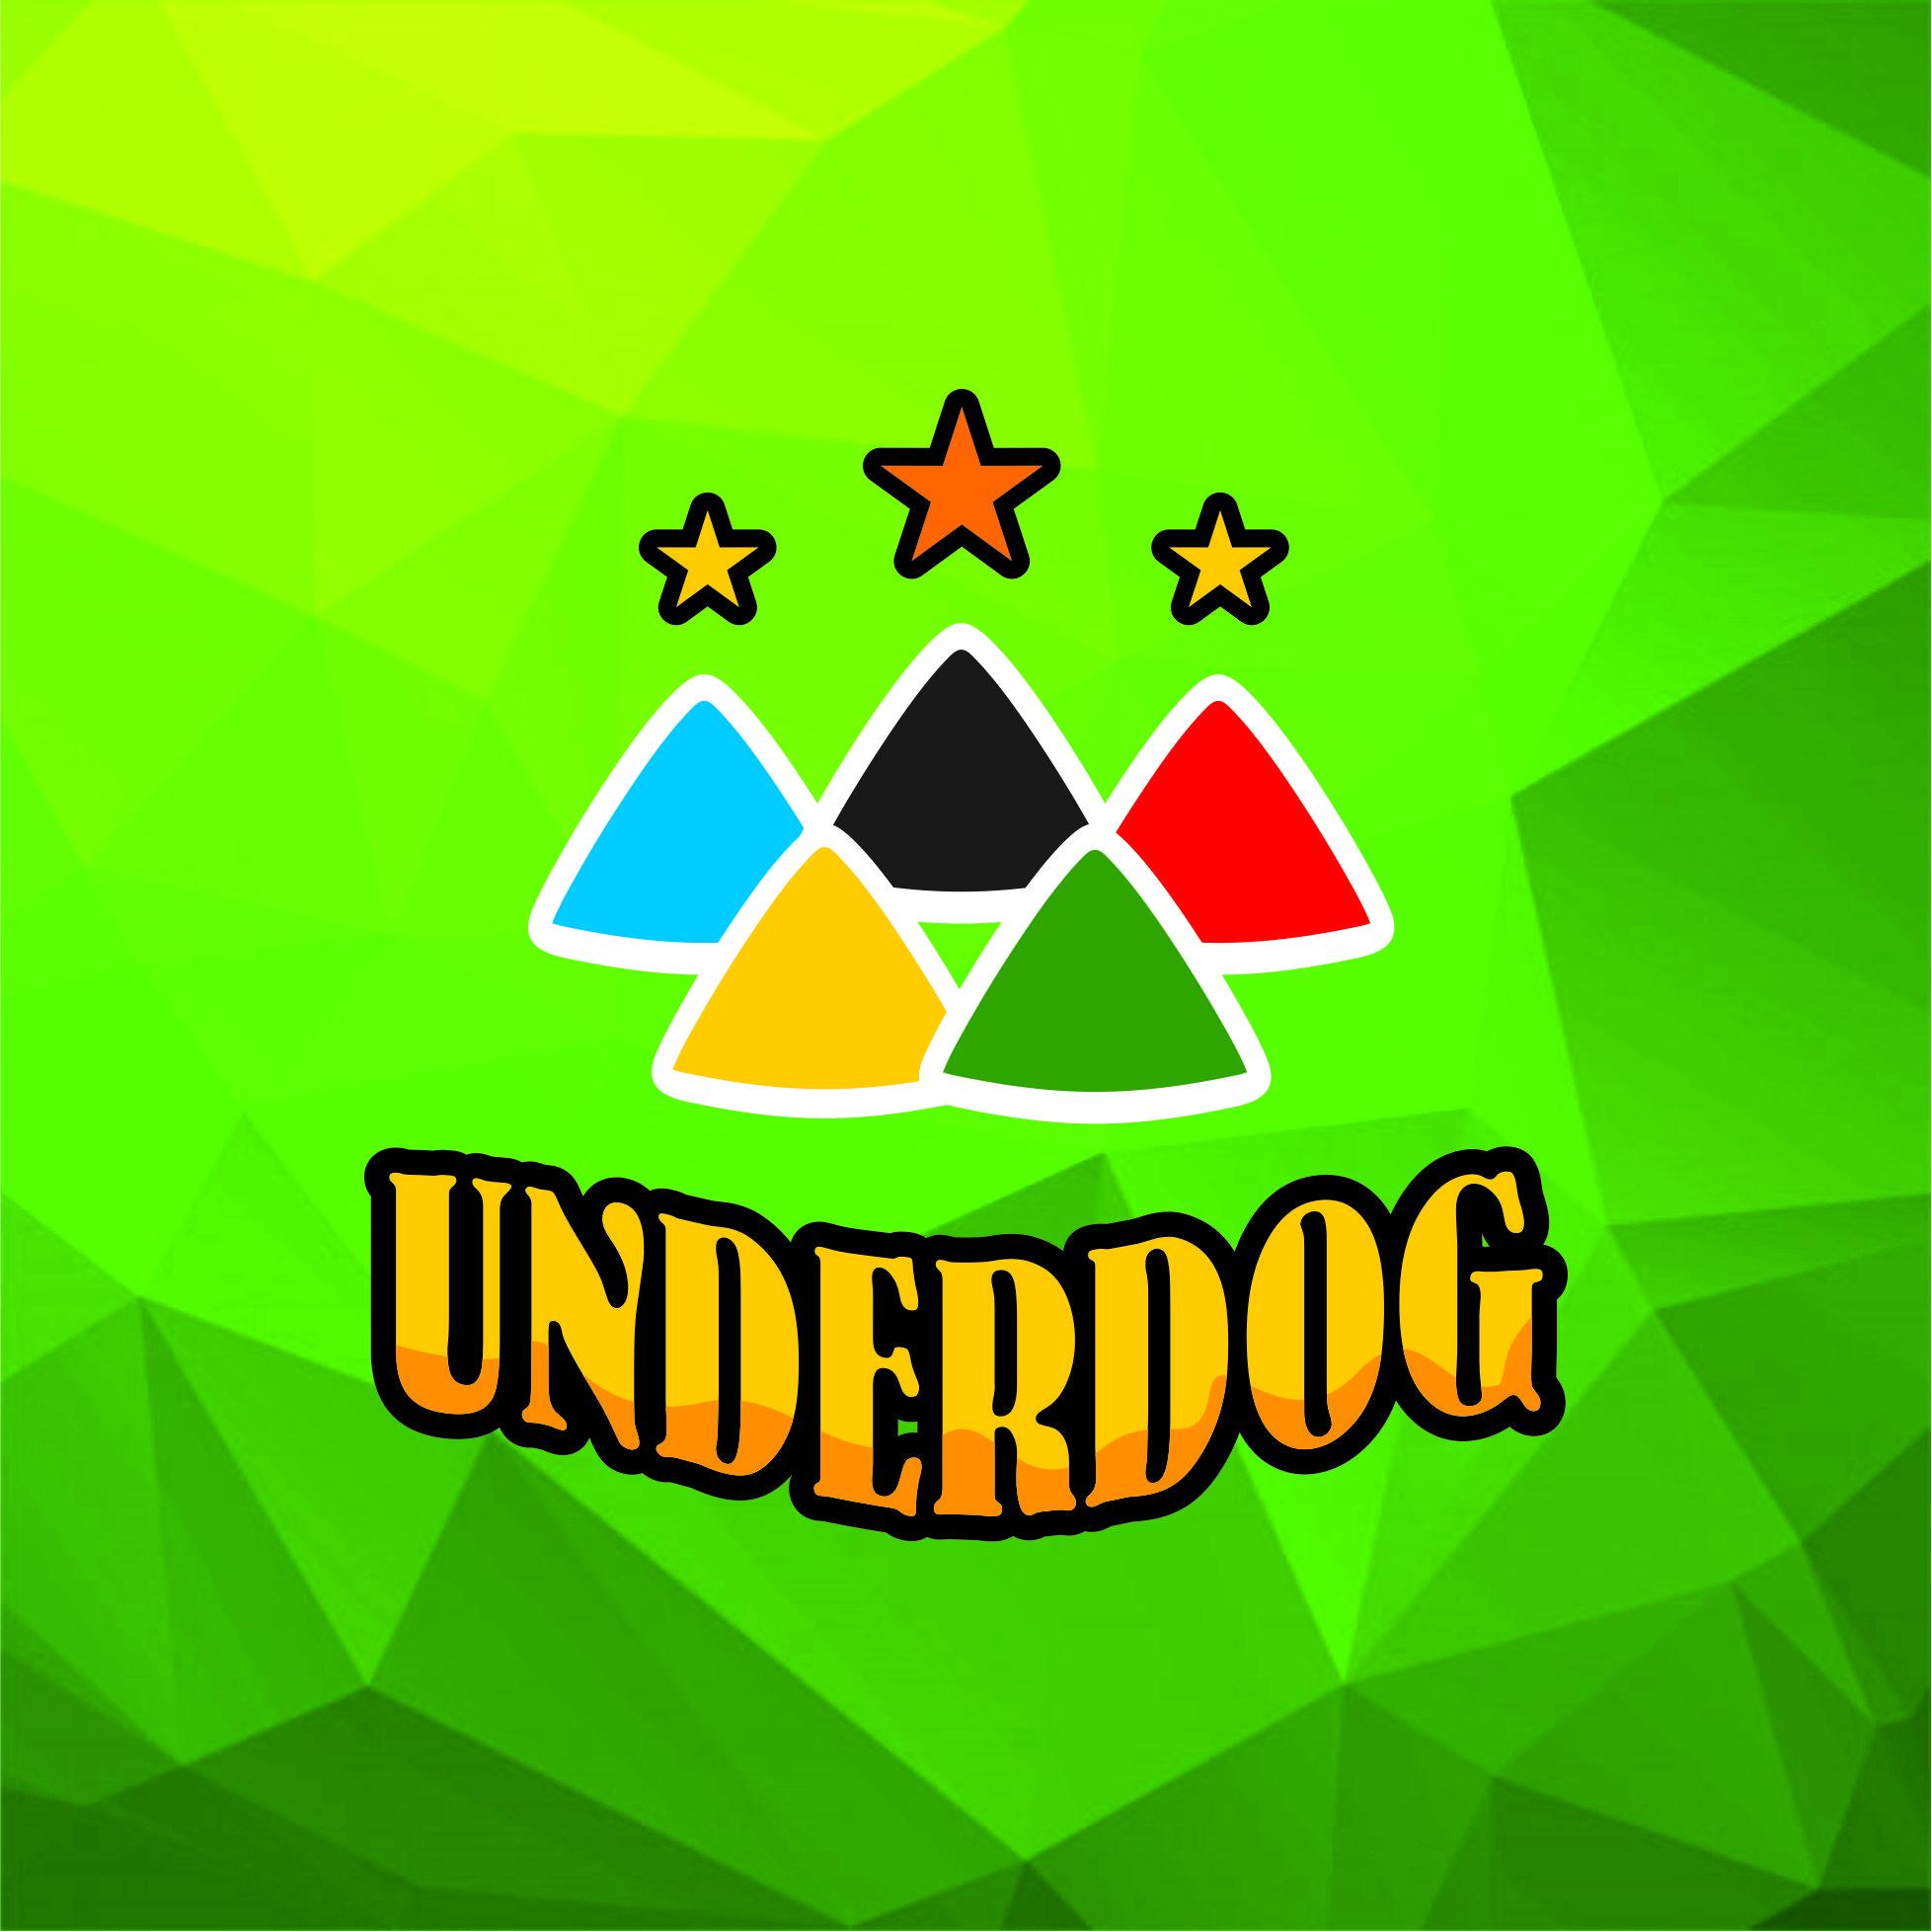 Футбольный клуб UNDERDOG - разработать фирстиль и бренд-бук фото f_9545cb2f223e3941.jpg